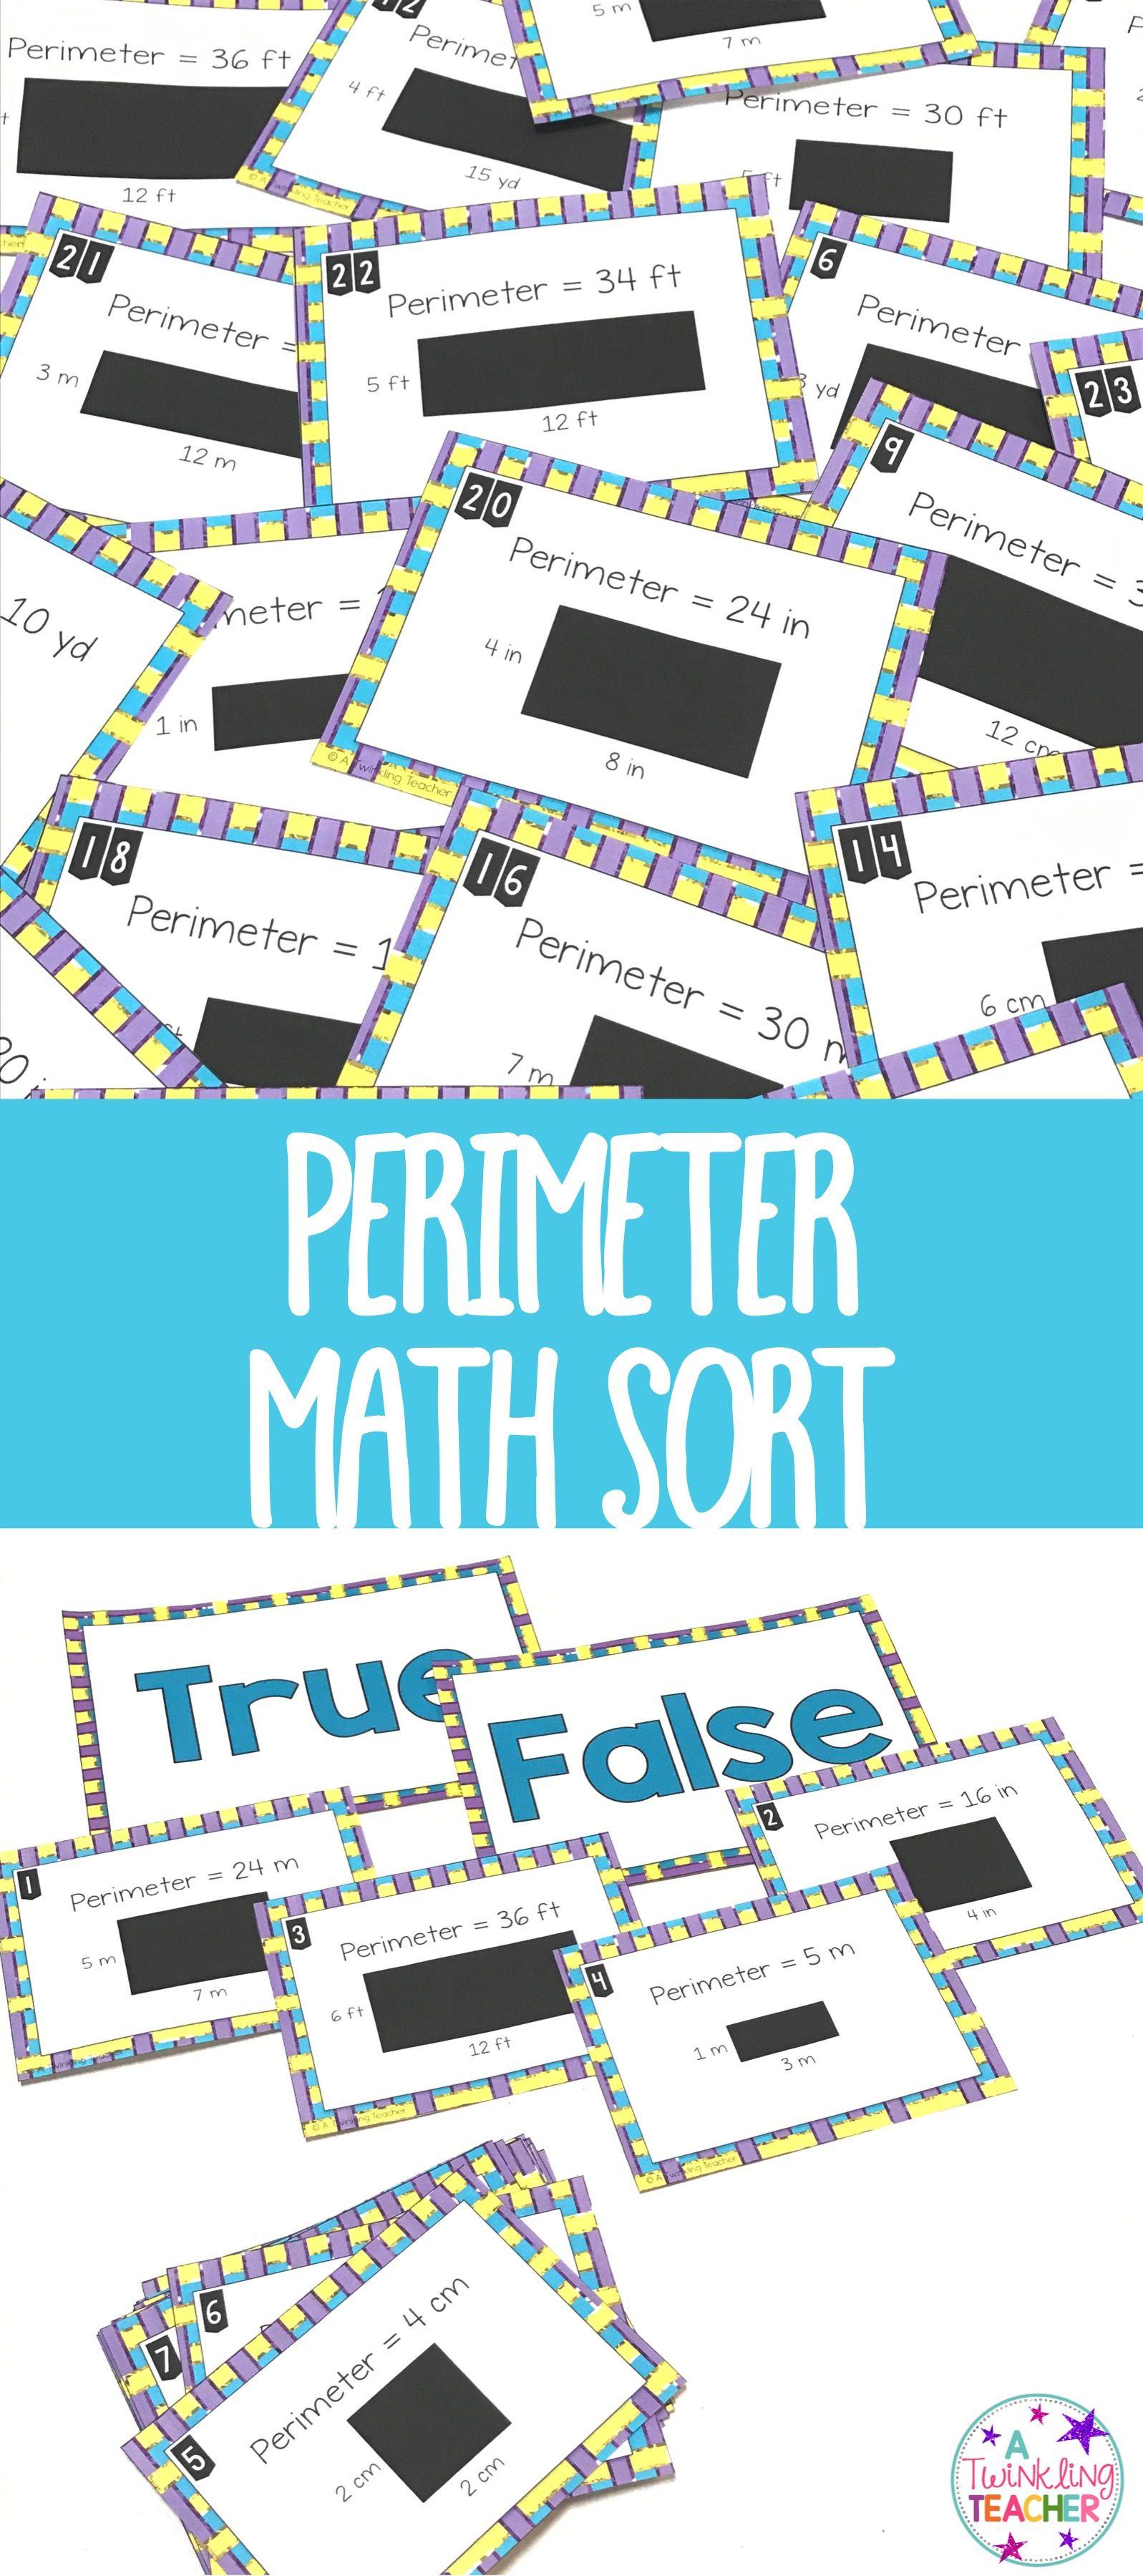 Perimeter true false math center sort | Math, Teacher and Activities